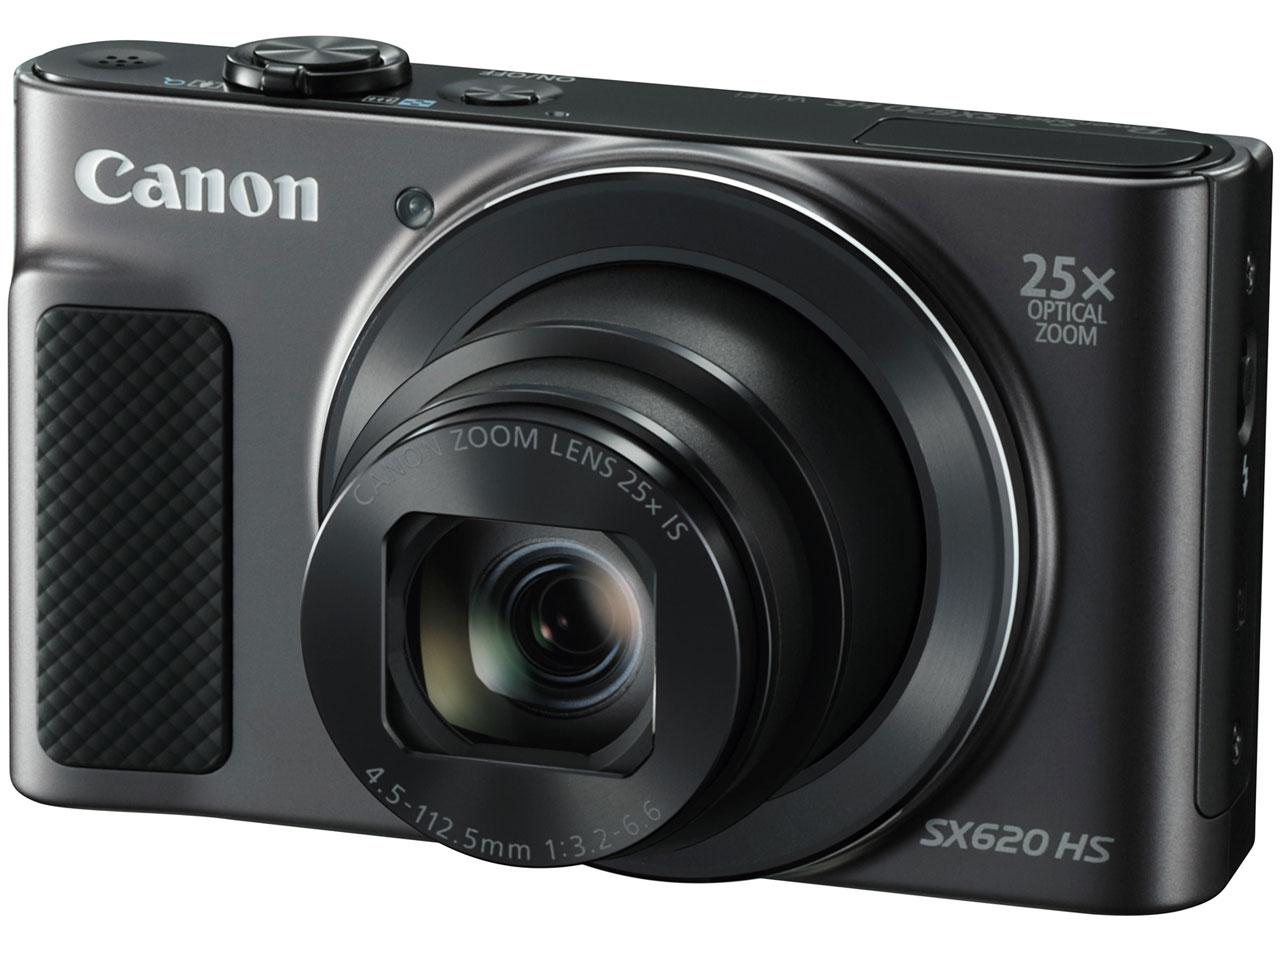 CANON デジタルカメラ PowerShot SX620 HS /BK [ブラック]